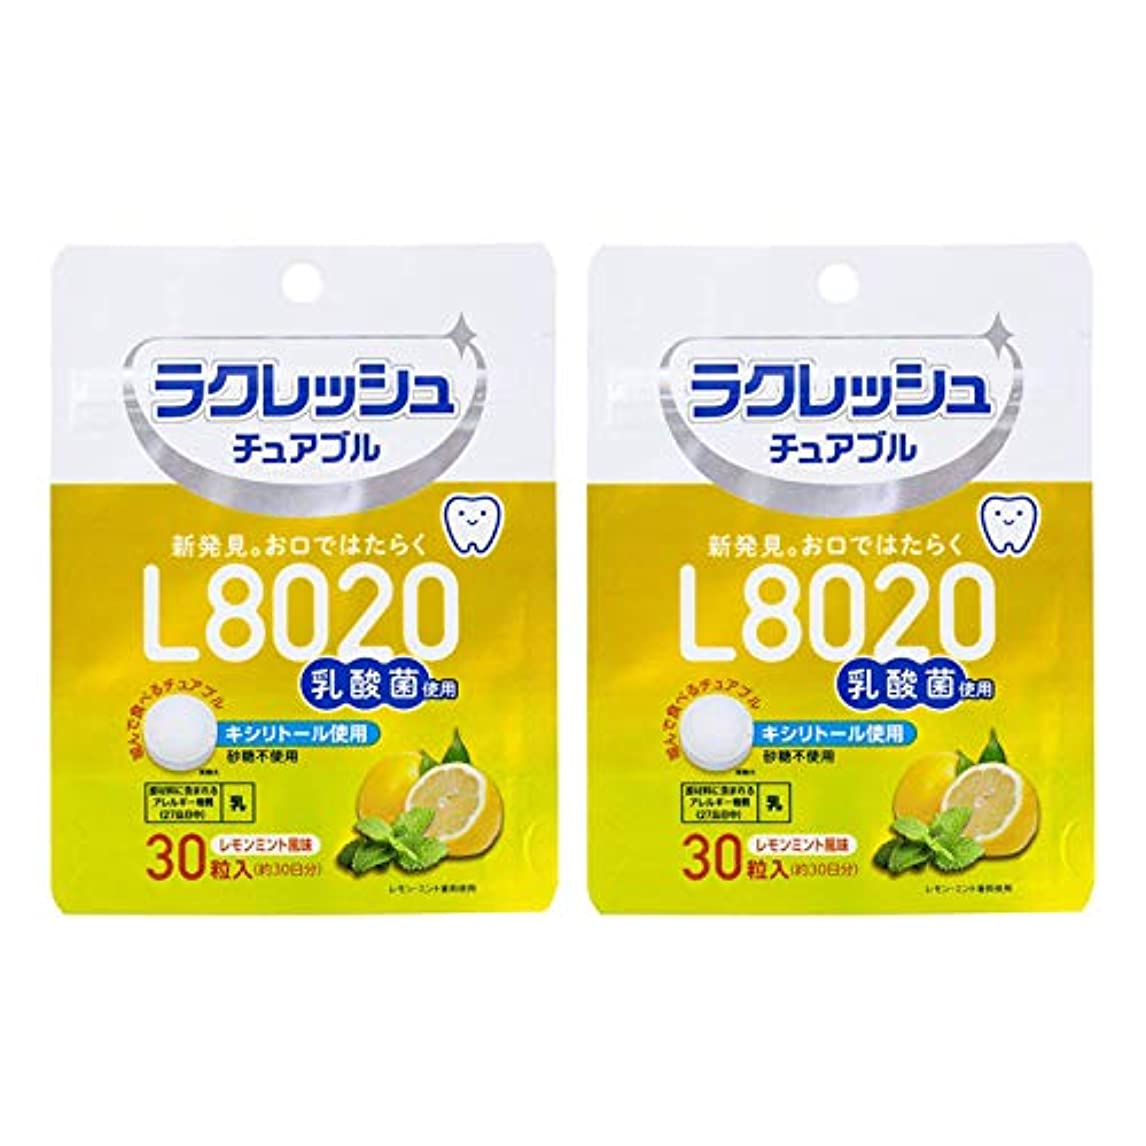 大胆な誠意意味ラクレッシュ L8020 乳酸菌 チュアブル レモンミント風味 オーラルケア 30粒入×2袋